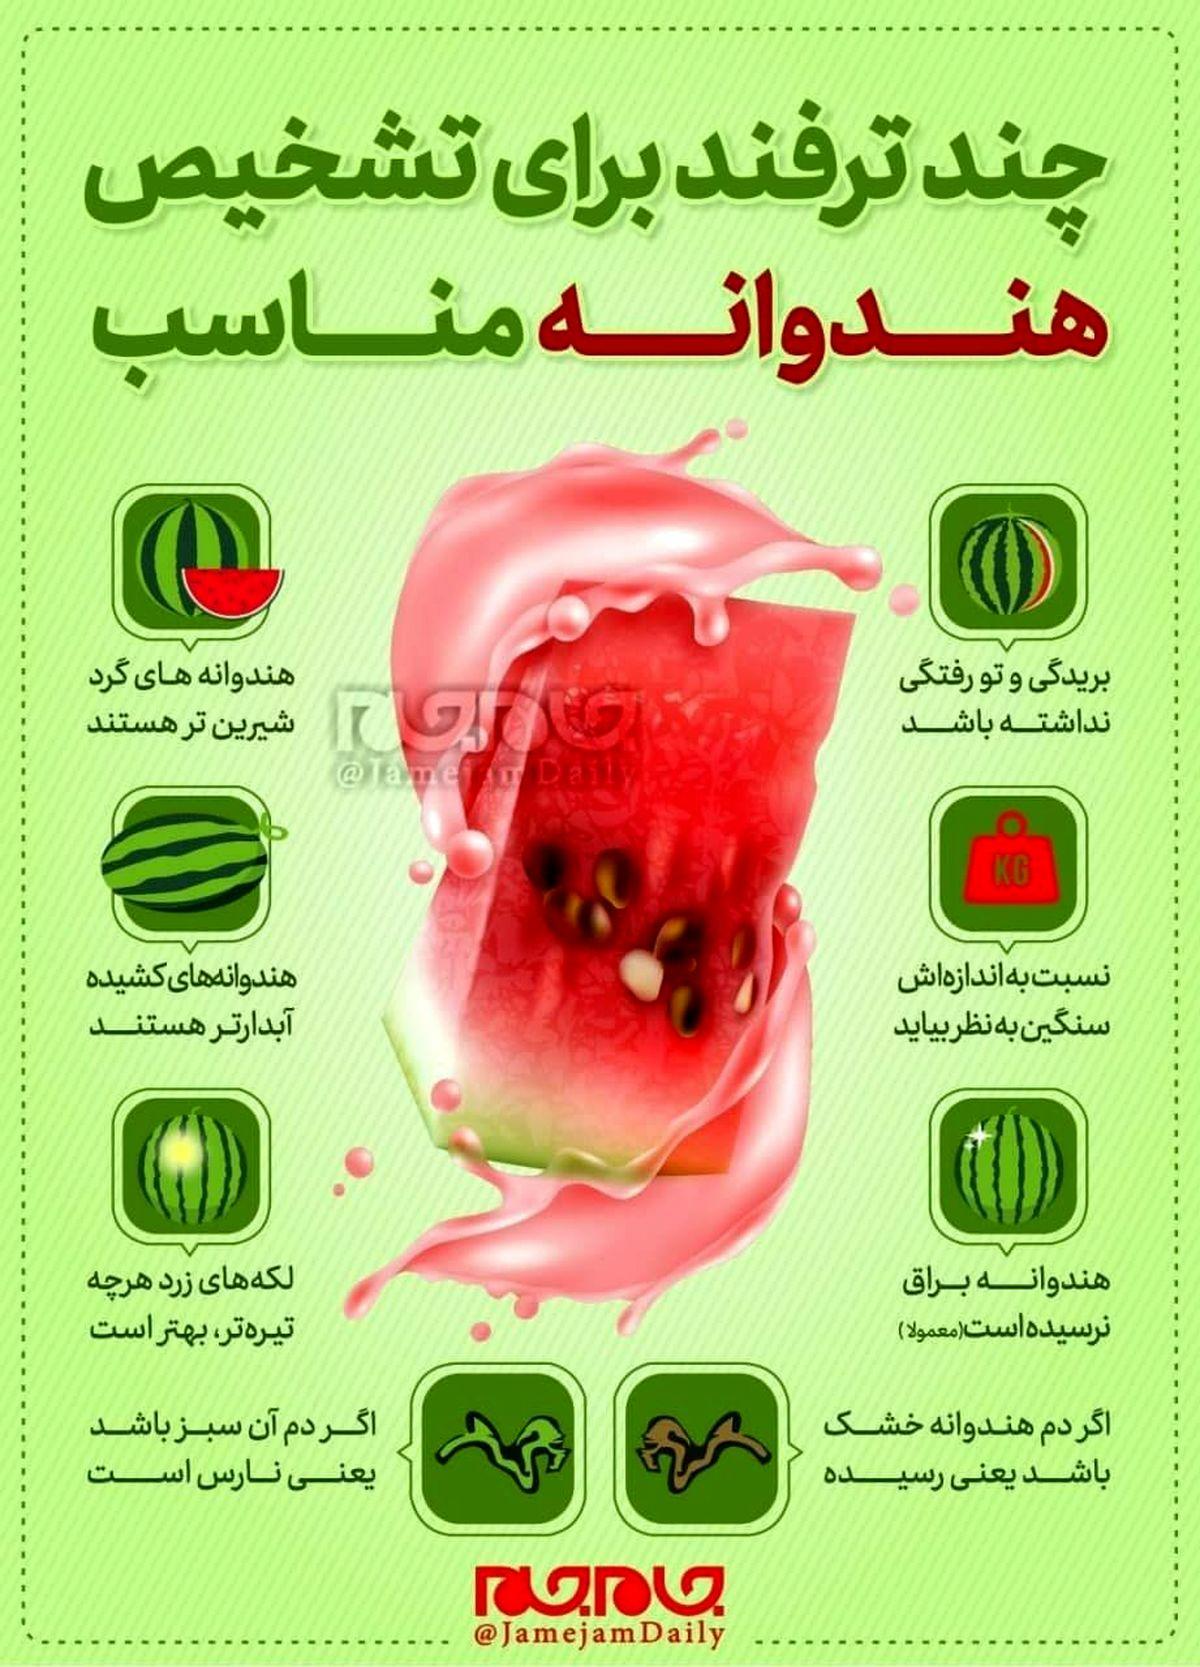 تشخیص هندوانه مناسب در شب یلدا+اینفوگرافی